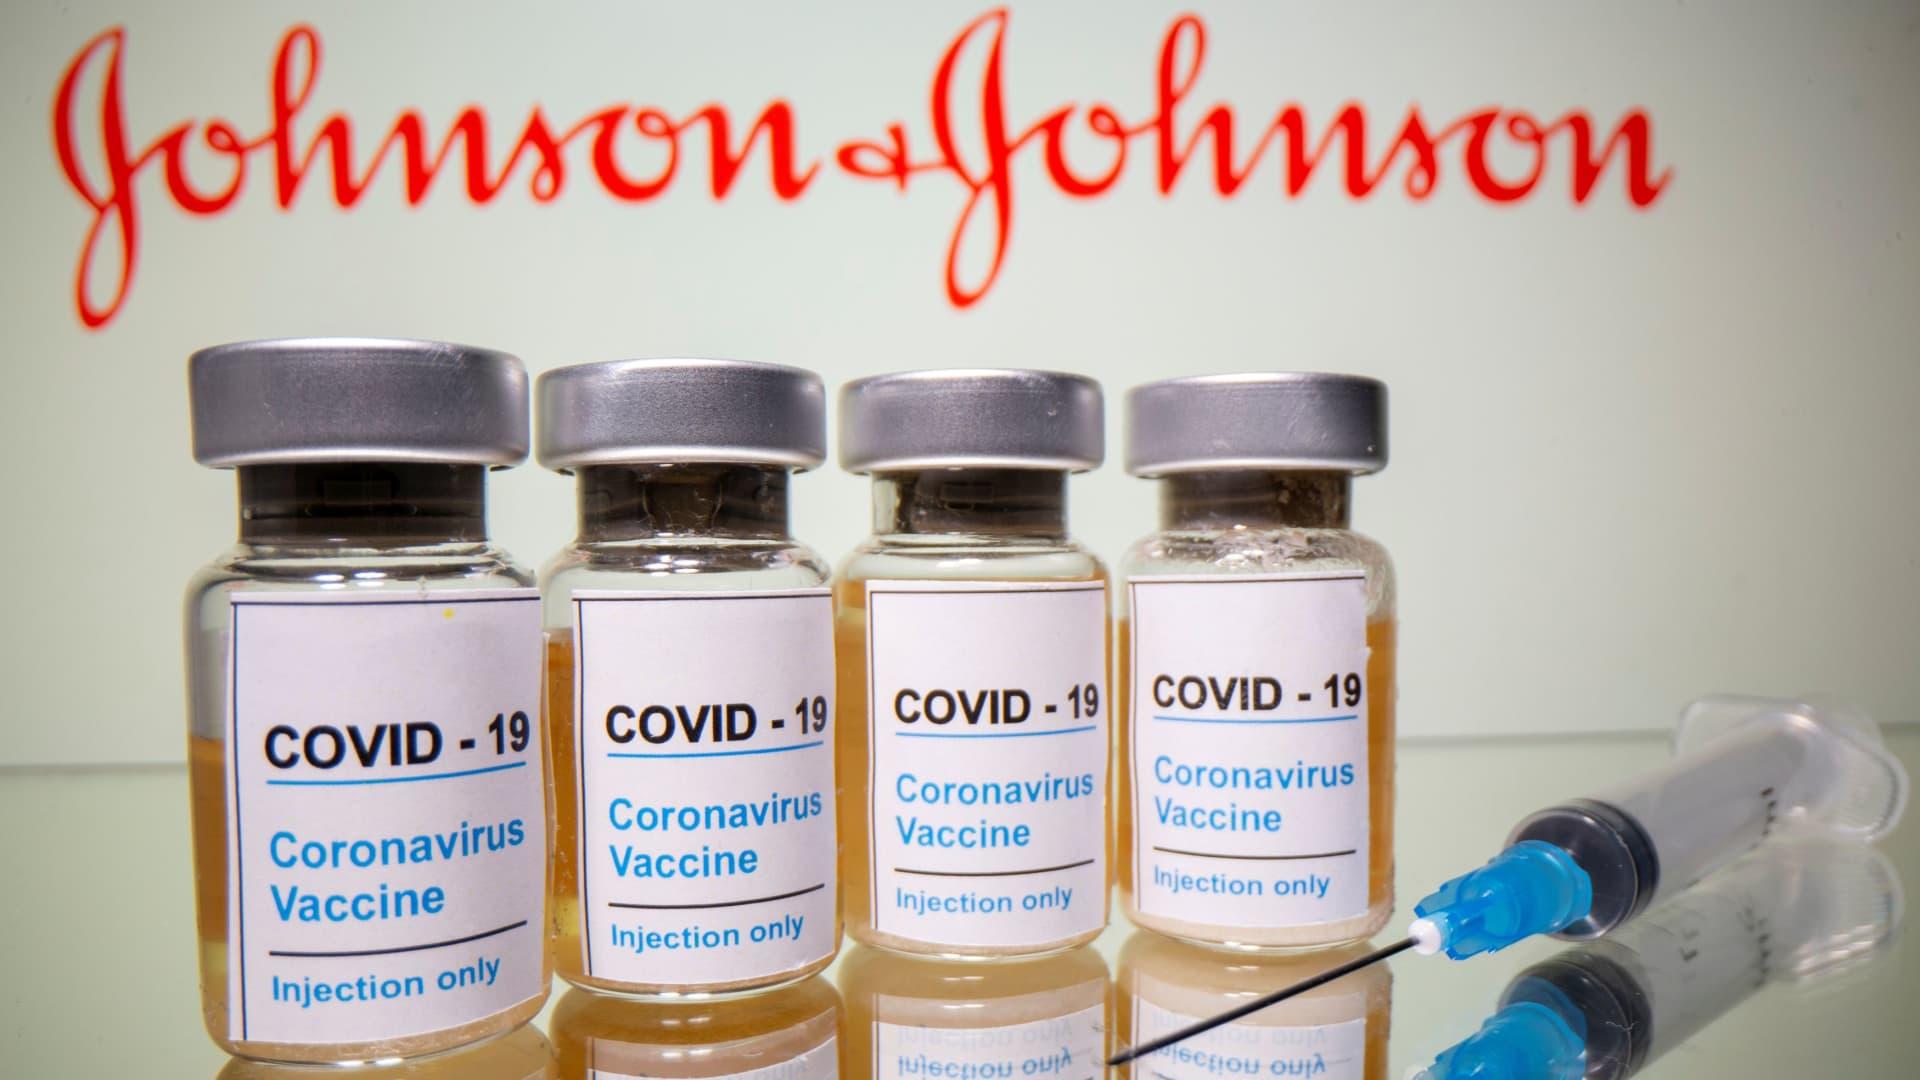 Johnson & Johnson Coronavirus vaccine illustration